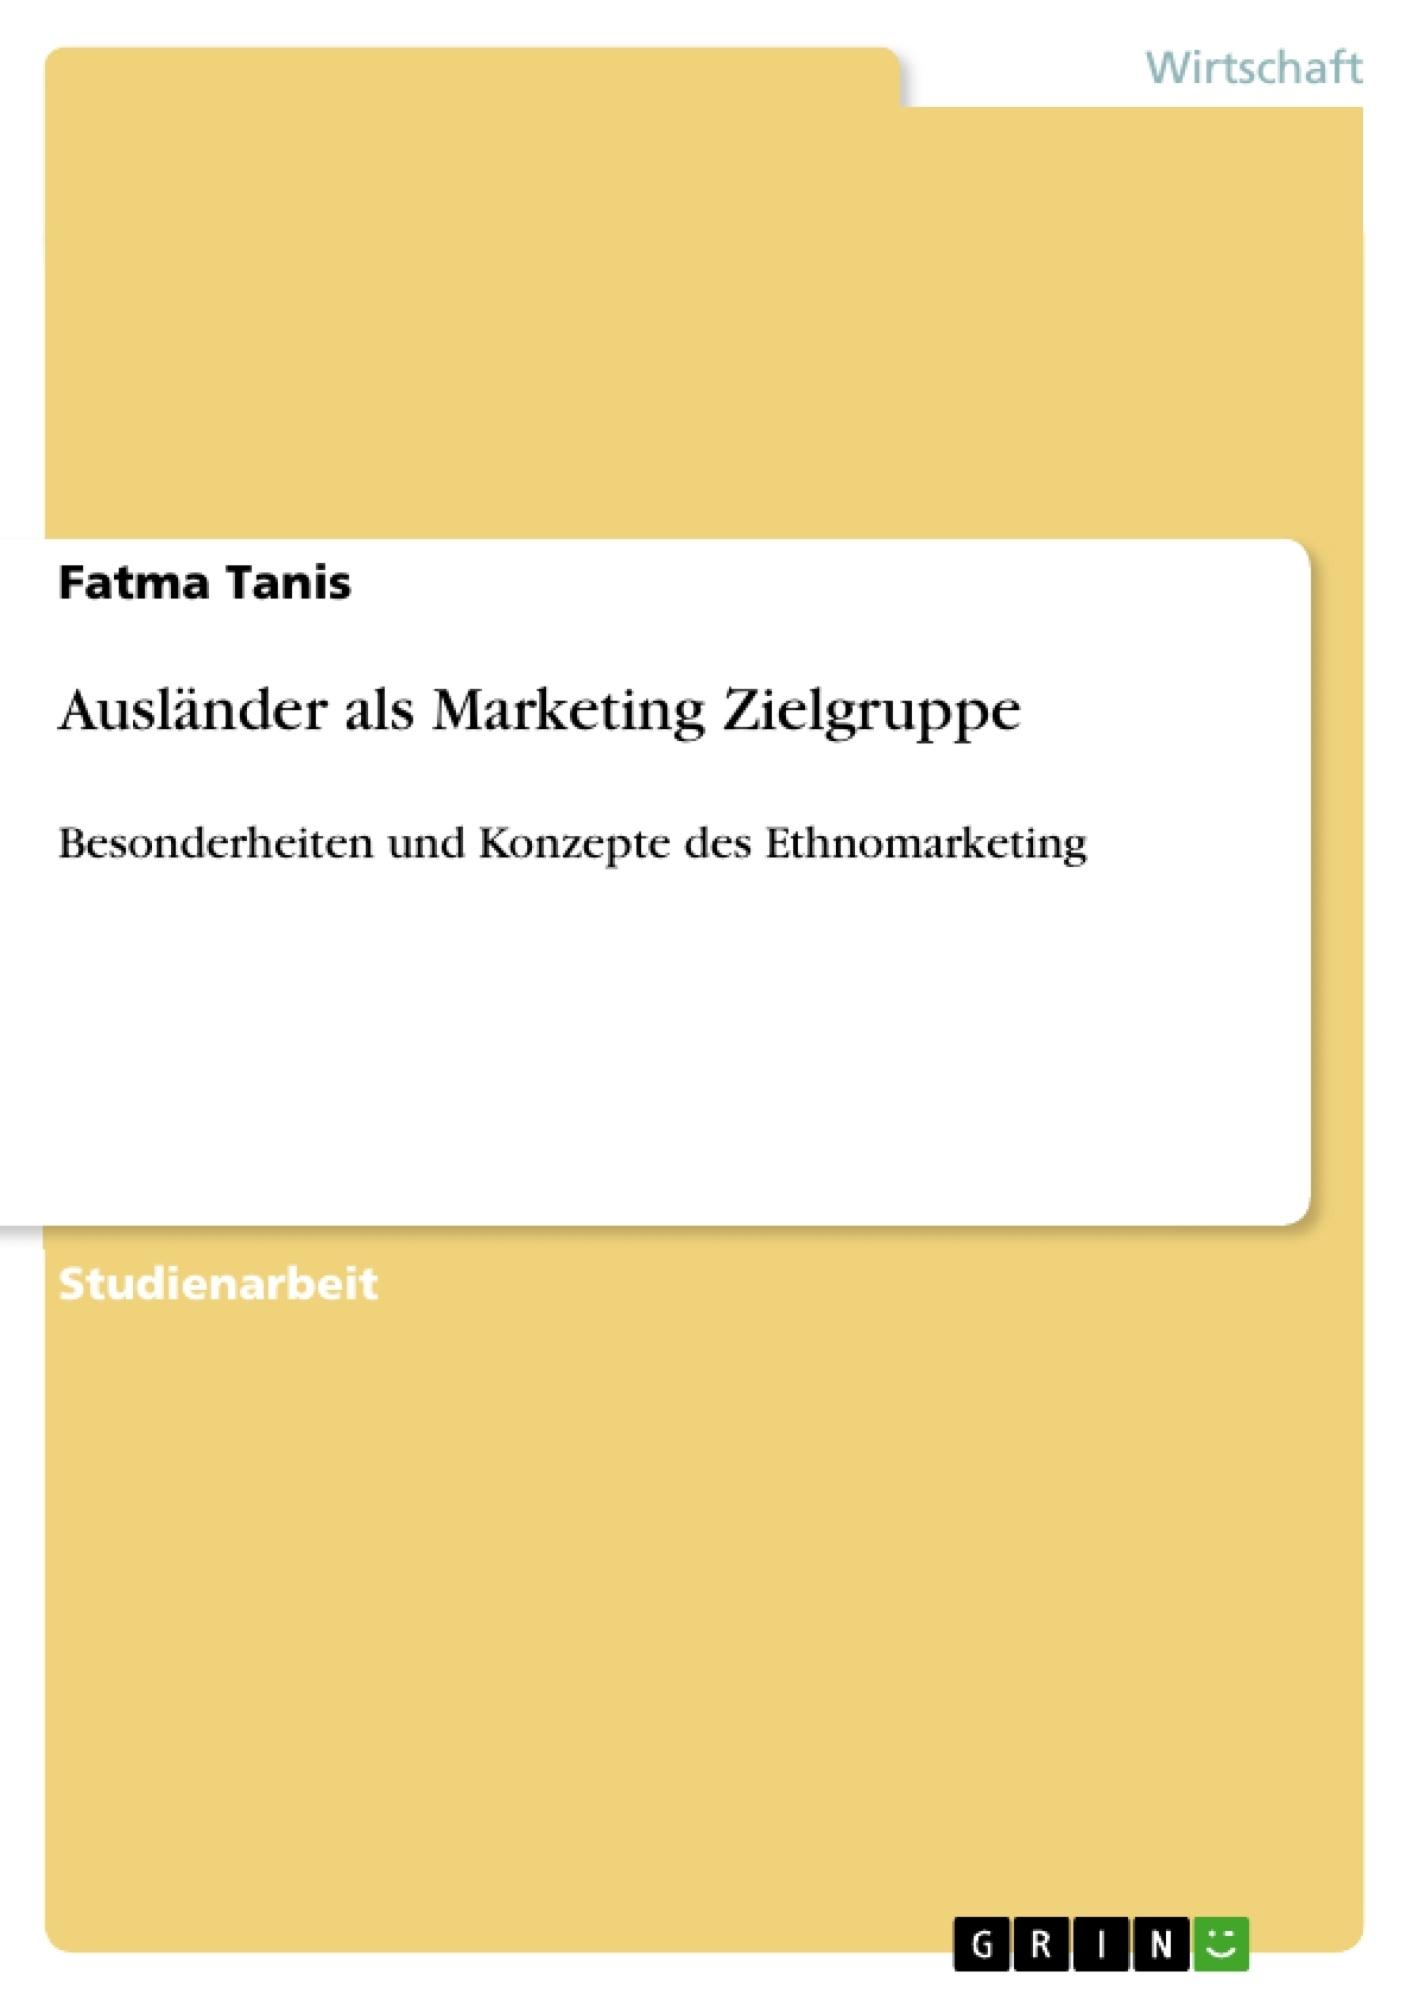 Titel: Ausländer als Marketing Zielgruppe